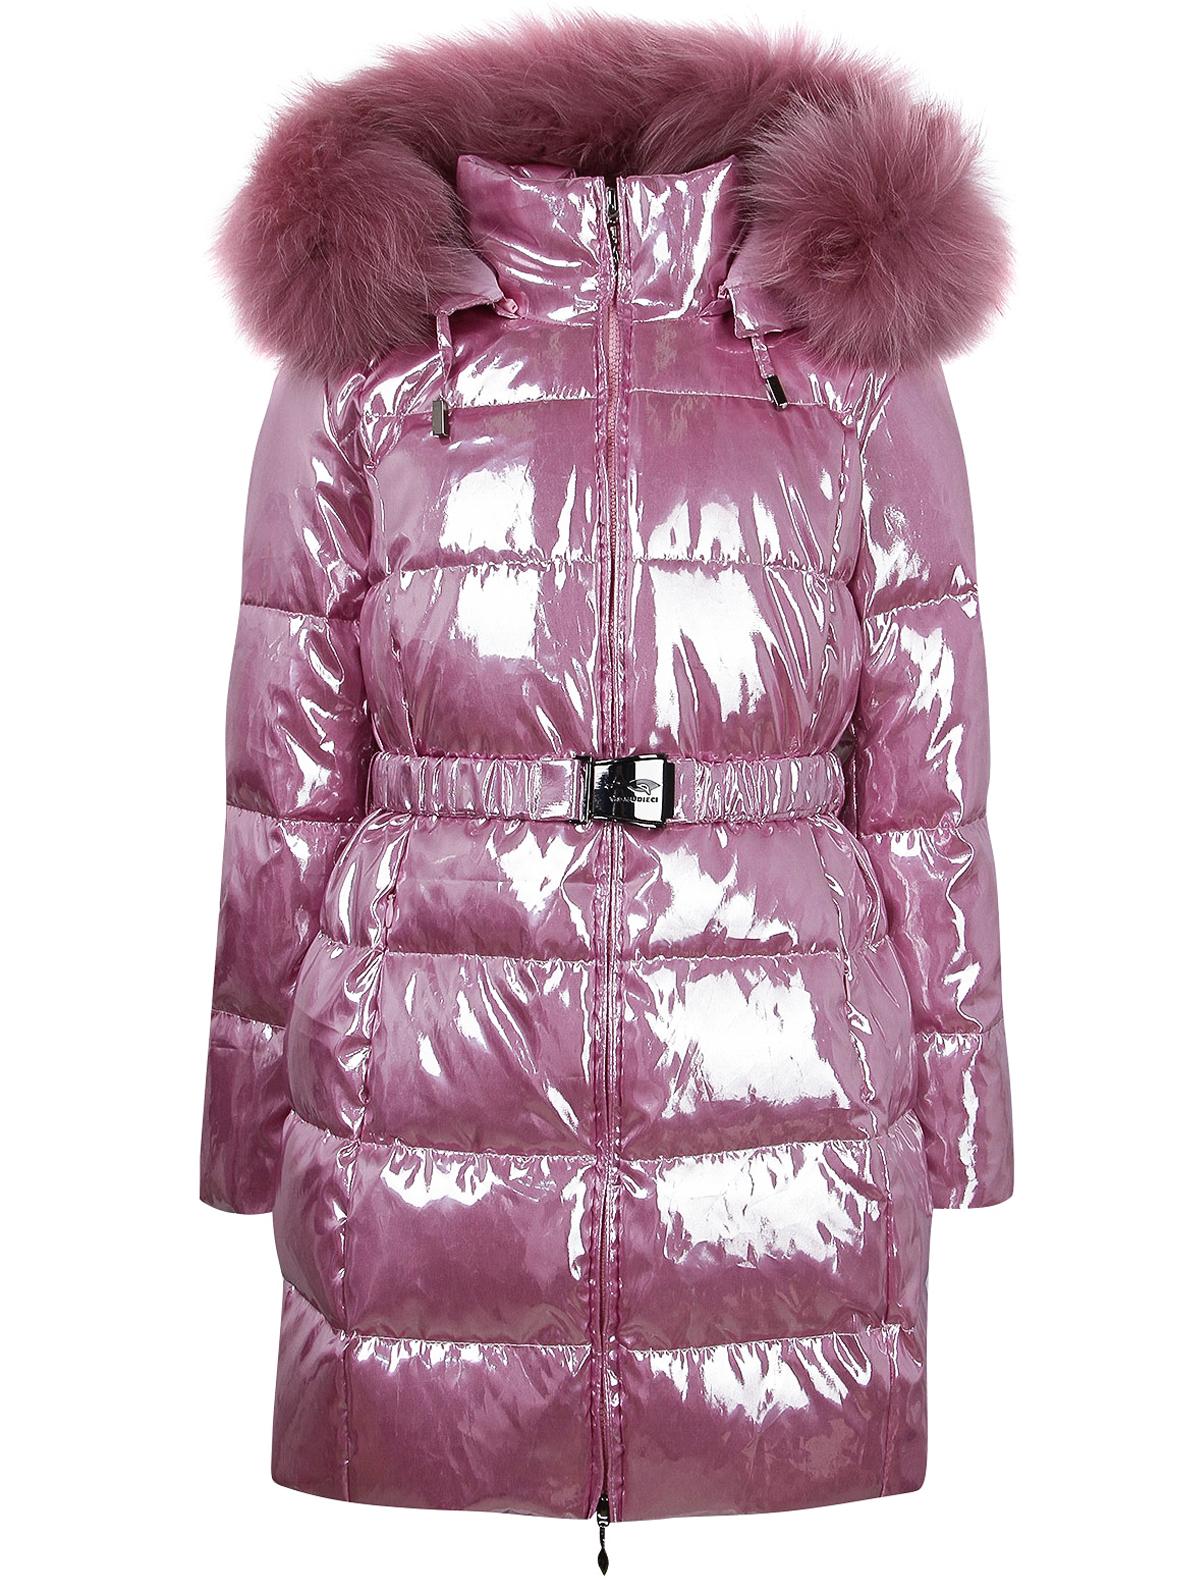 Купить 2142992, Пальто Manudieci, розовый, Женский, 1122609980275